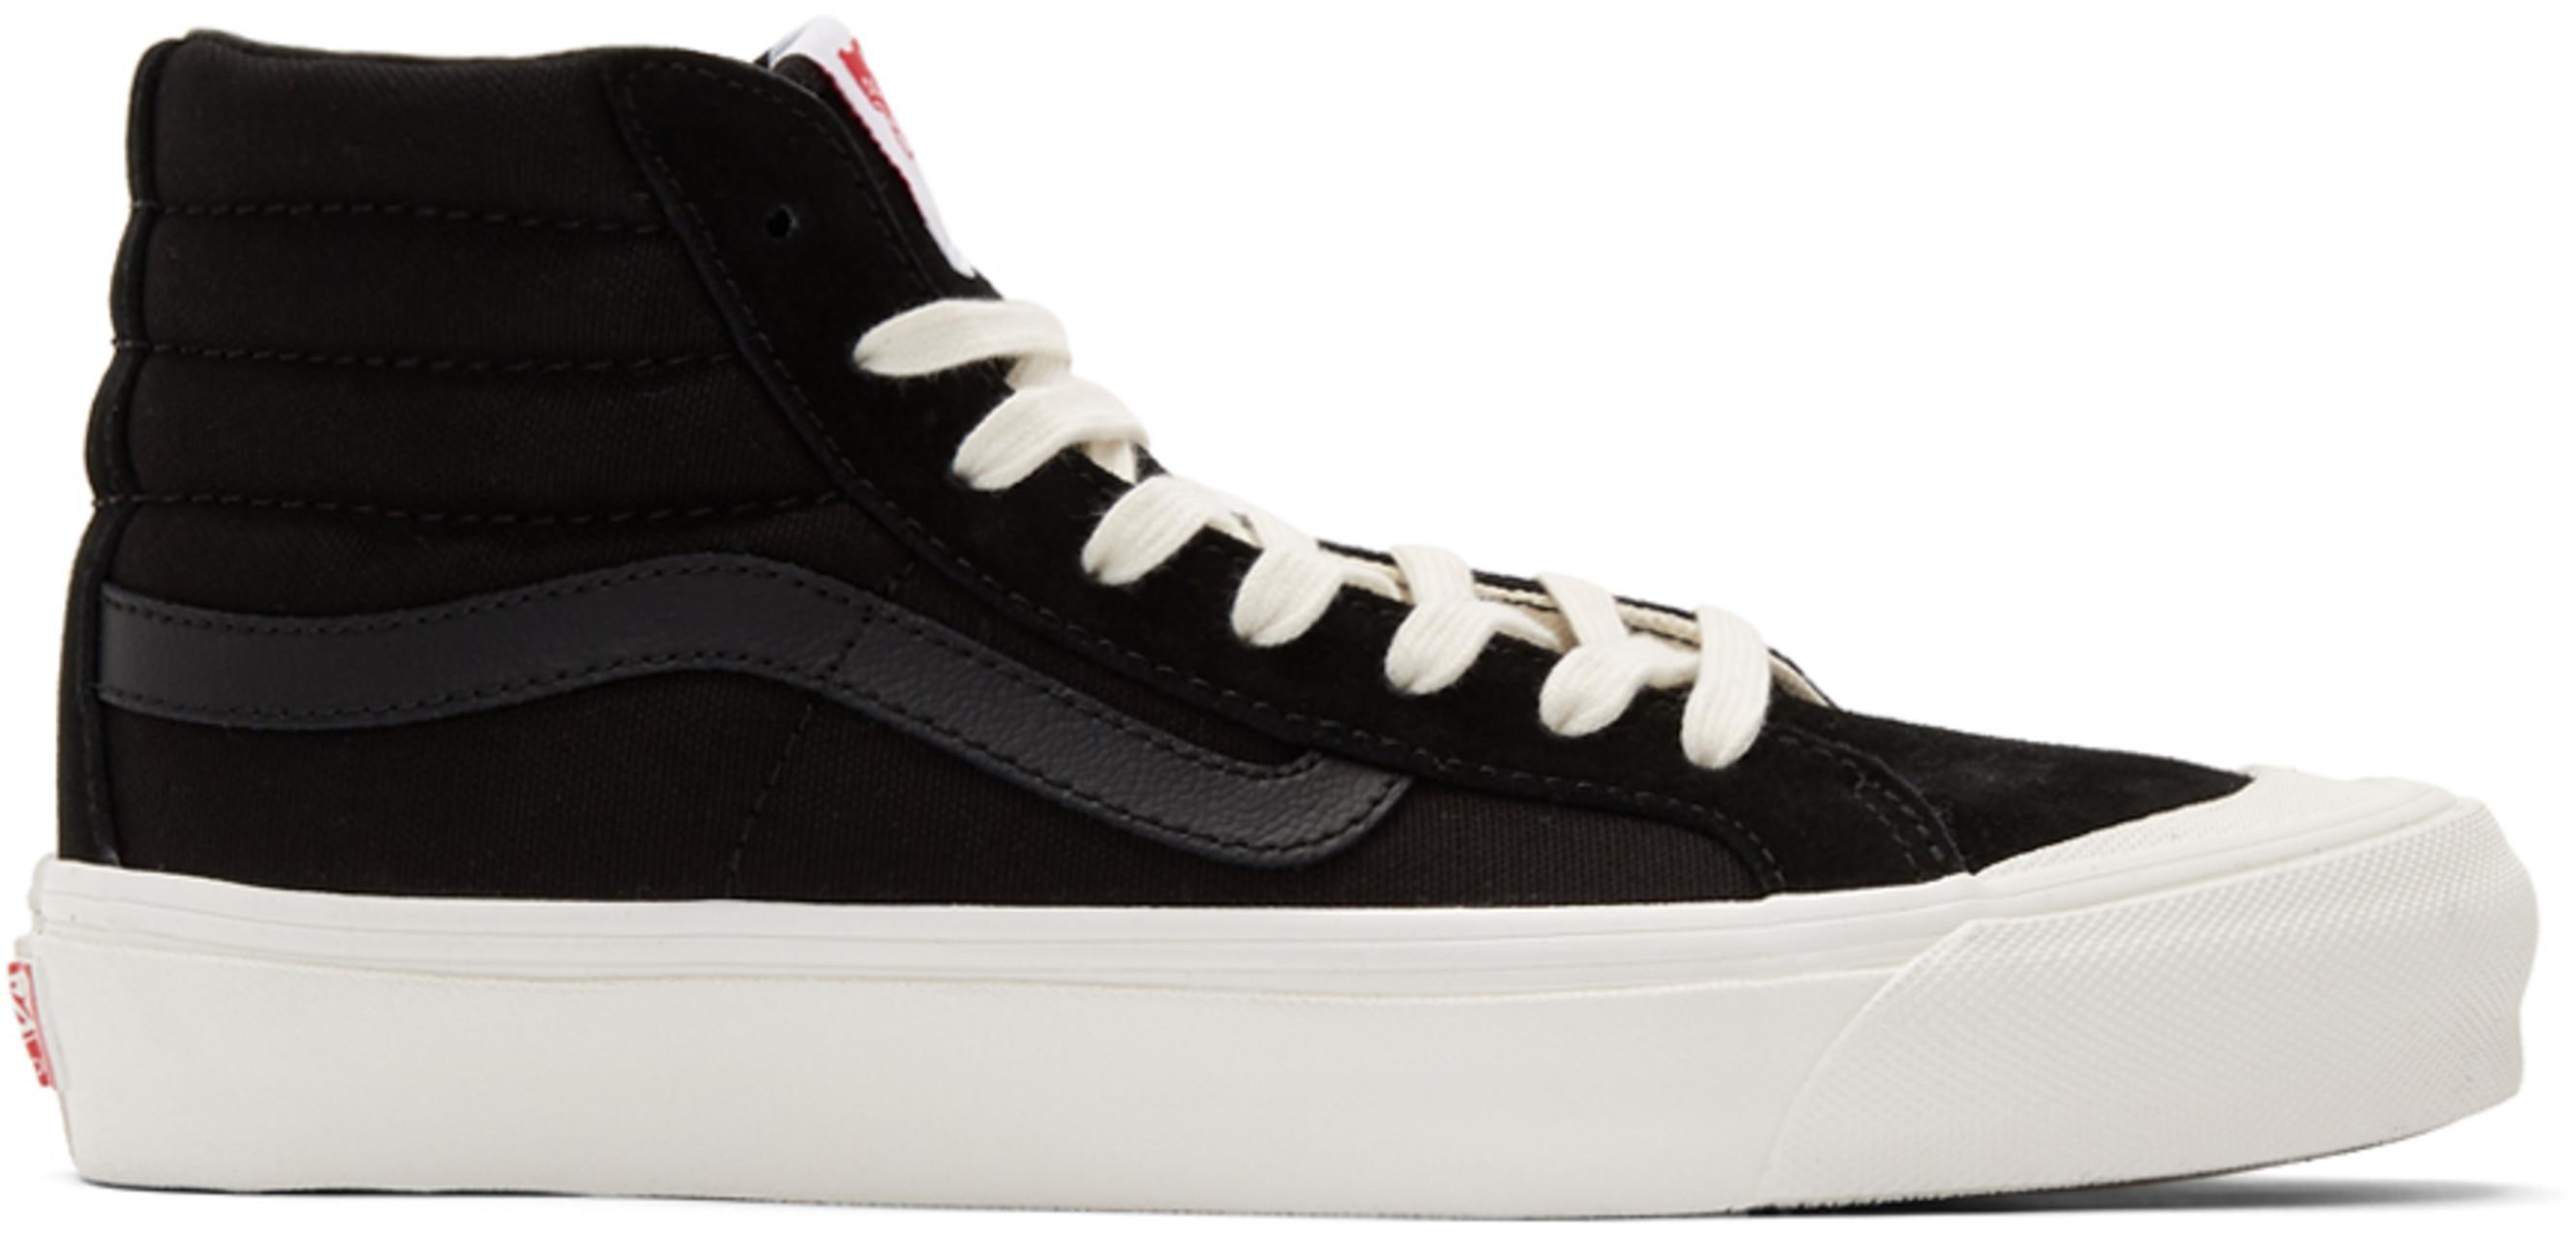 67925c68184be8 Designer high top sneakers for Men